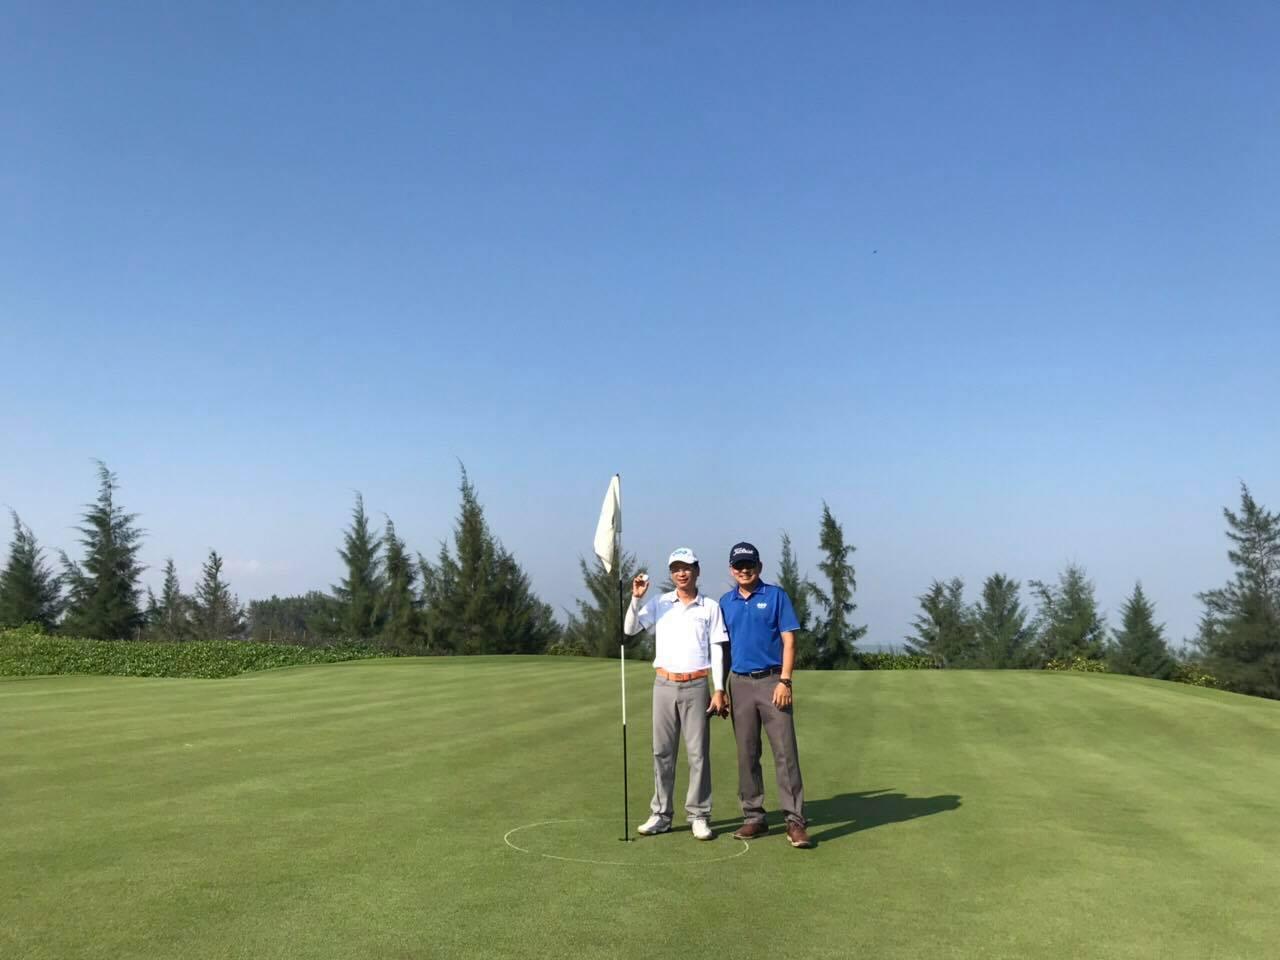 Golfer Nguyễn Anh Tuấn ghi điểm HIO với giá trị khủng tại FLC Group - 17th Anniversary Golf Tournament